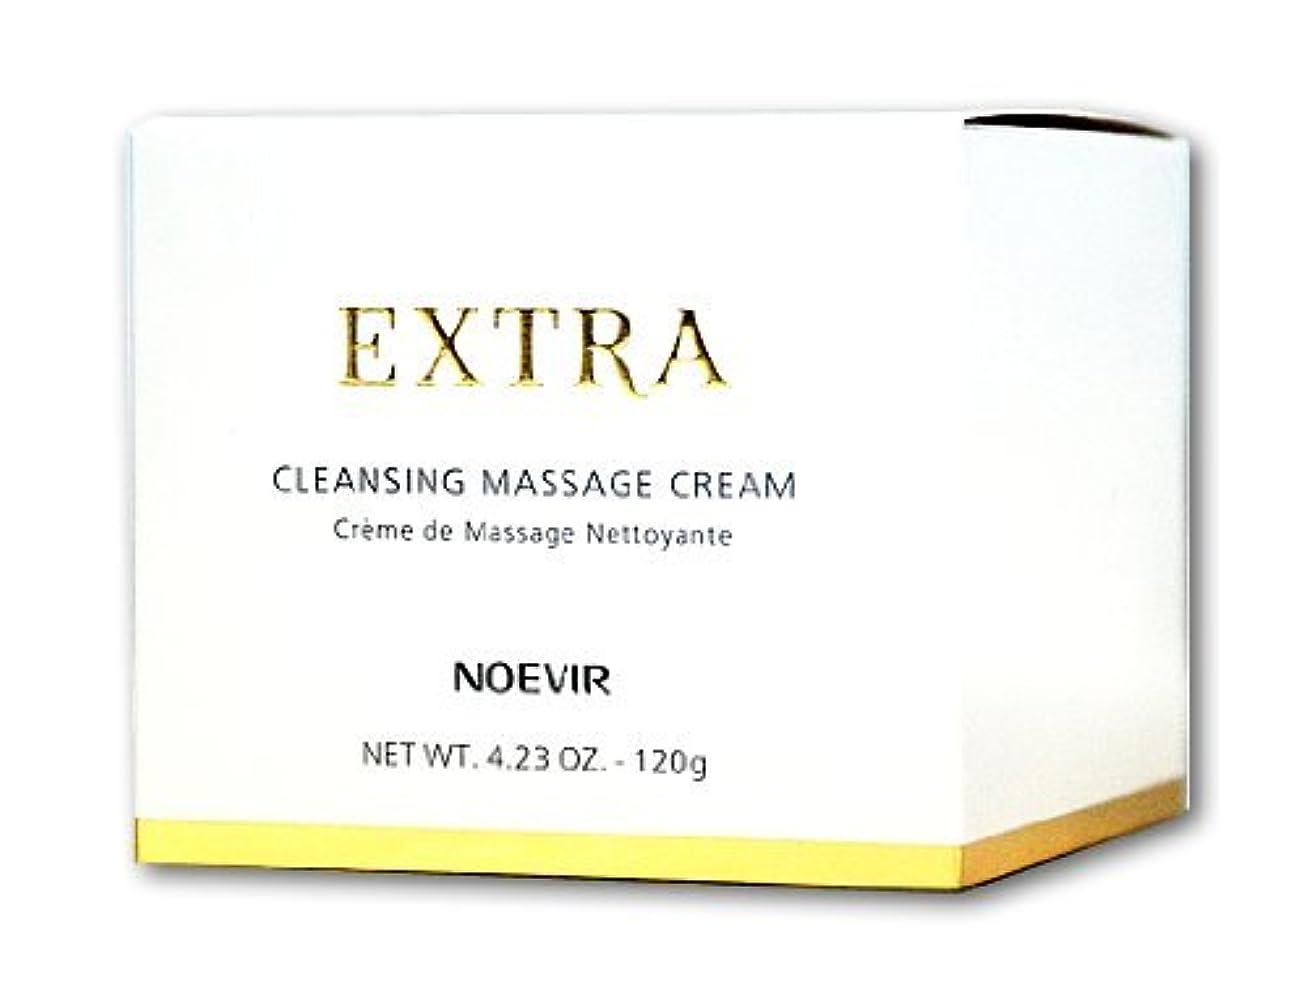 元に戻すゲインセイ投資するノエビア エクストラ 薬用クレンジングマッサージクリーム<医薬部外品>(120g)